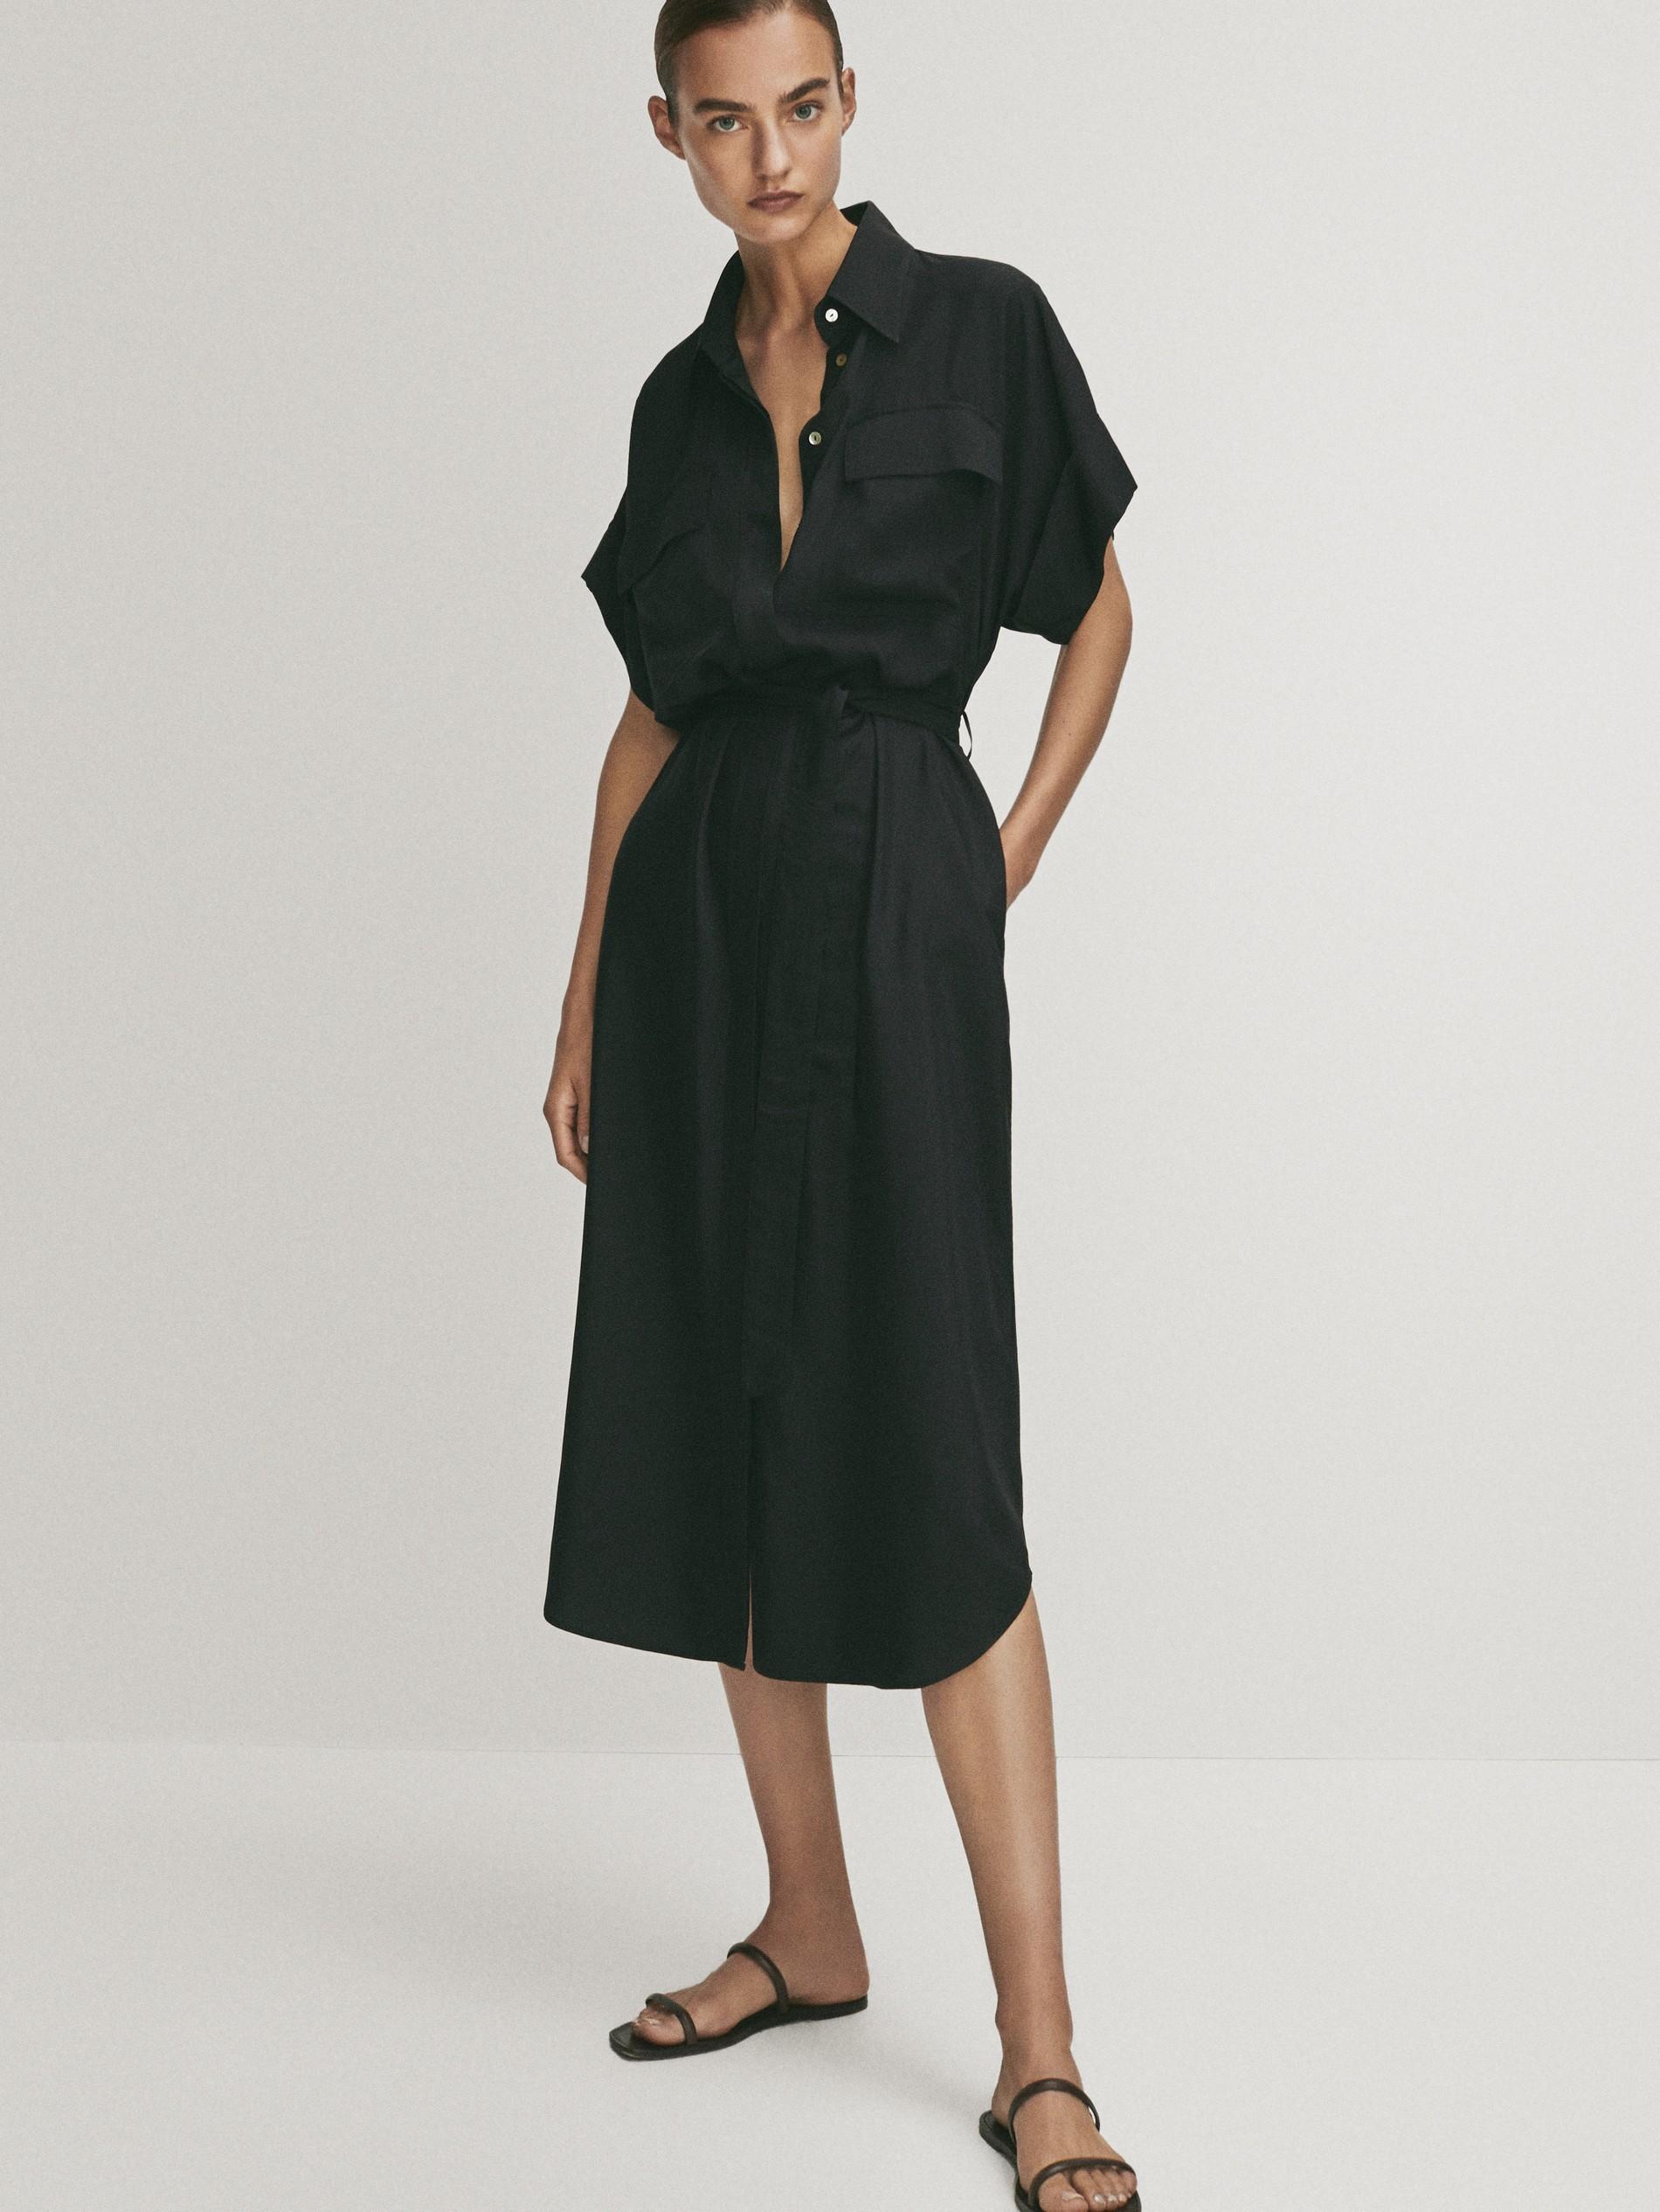 Vestido negro de Massimo Dutti (89,95 euros)